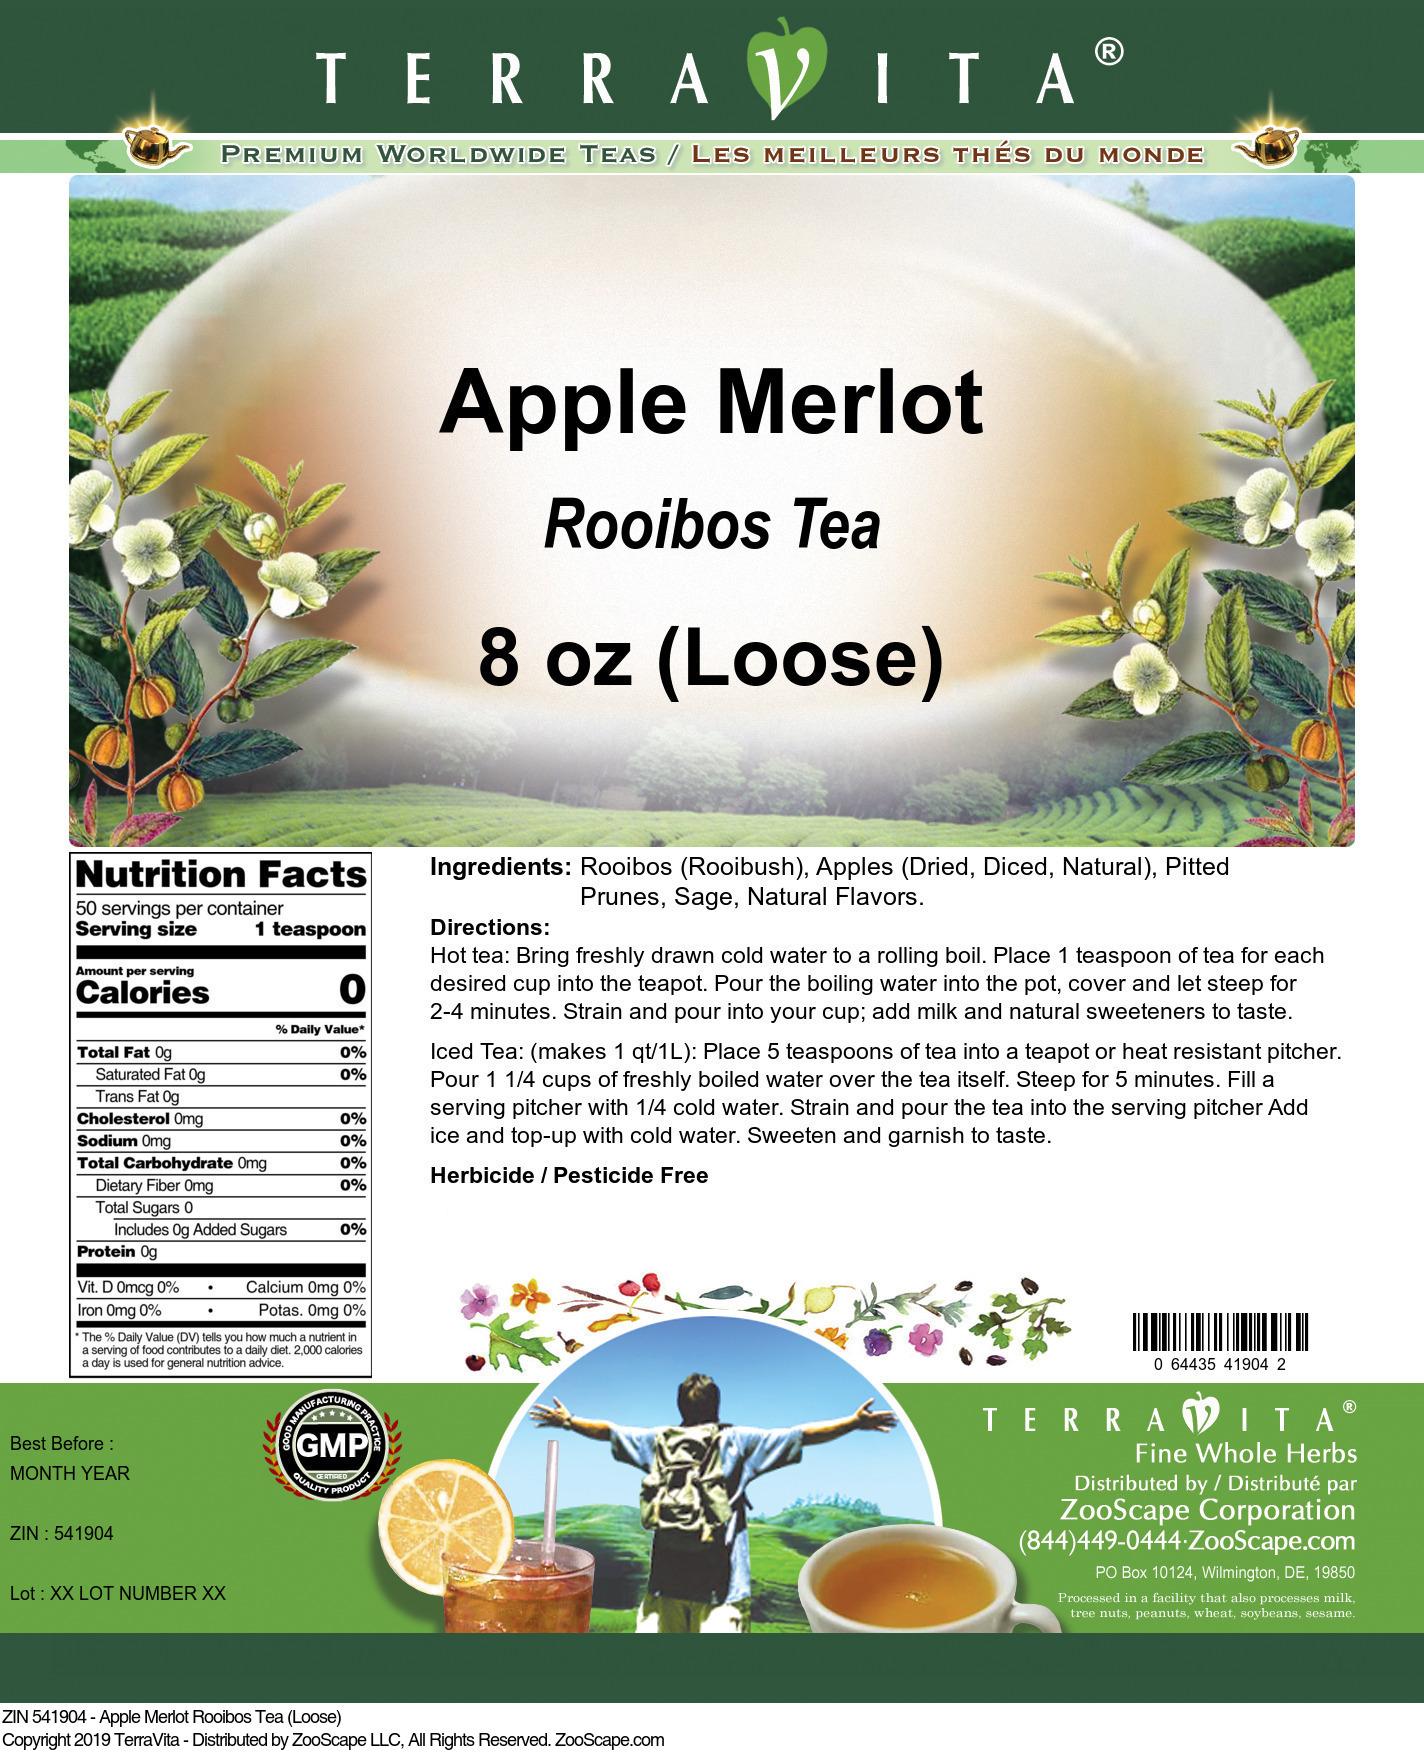 Apple Merlot Rooibos Tea